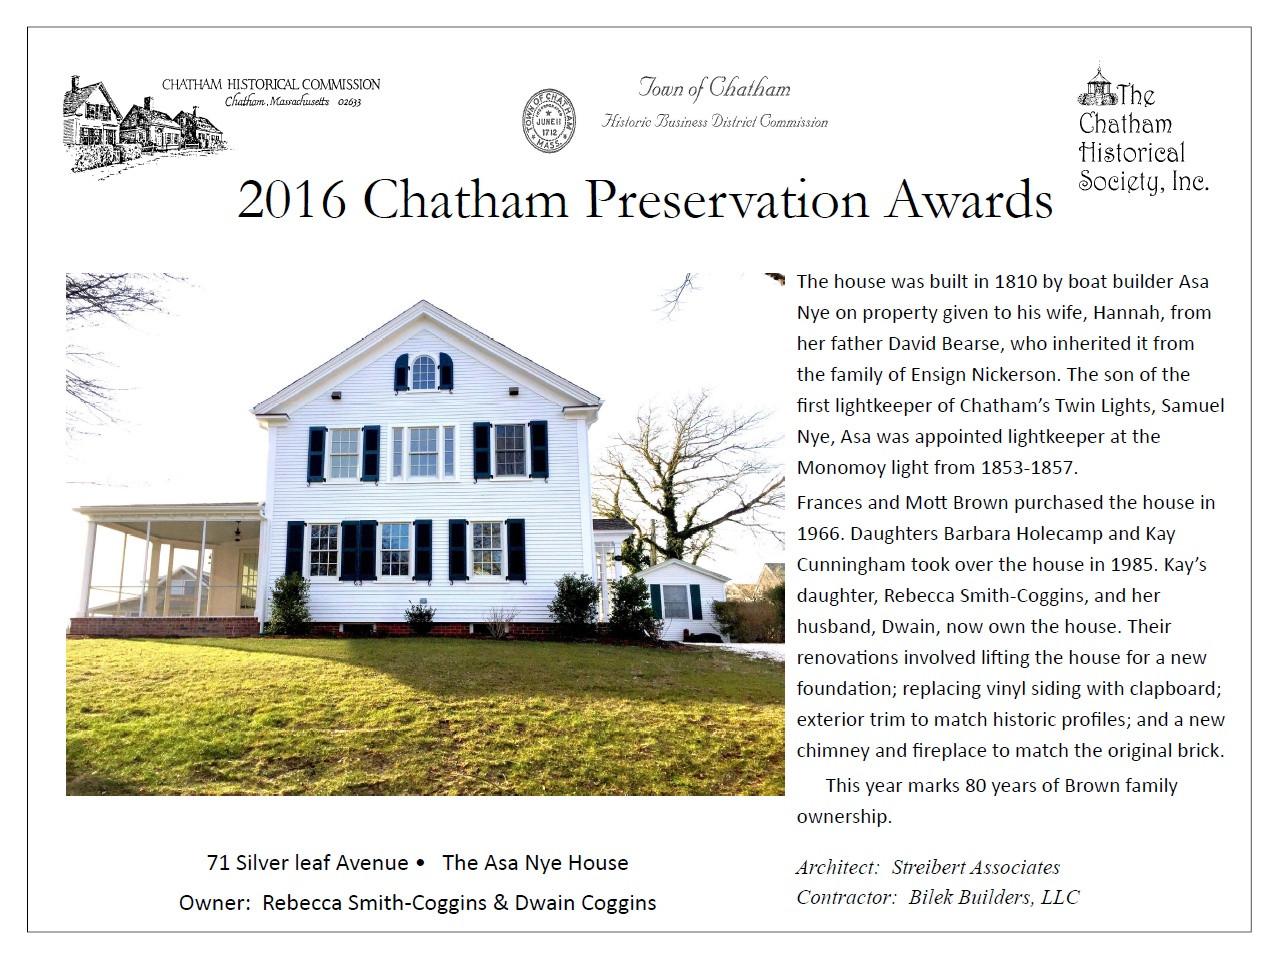 Old Village, Chatham,MA Historic Preservation Remodel Award